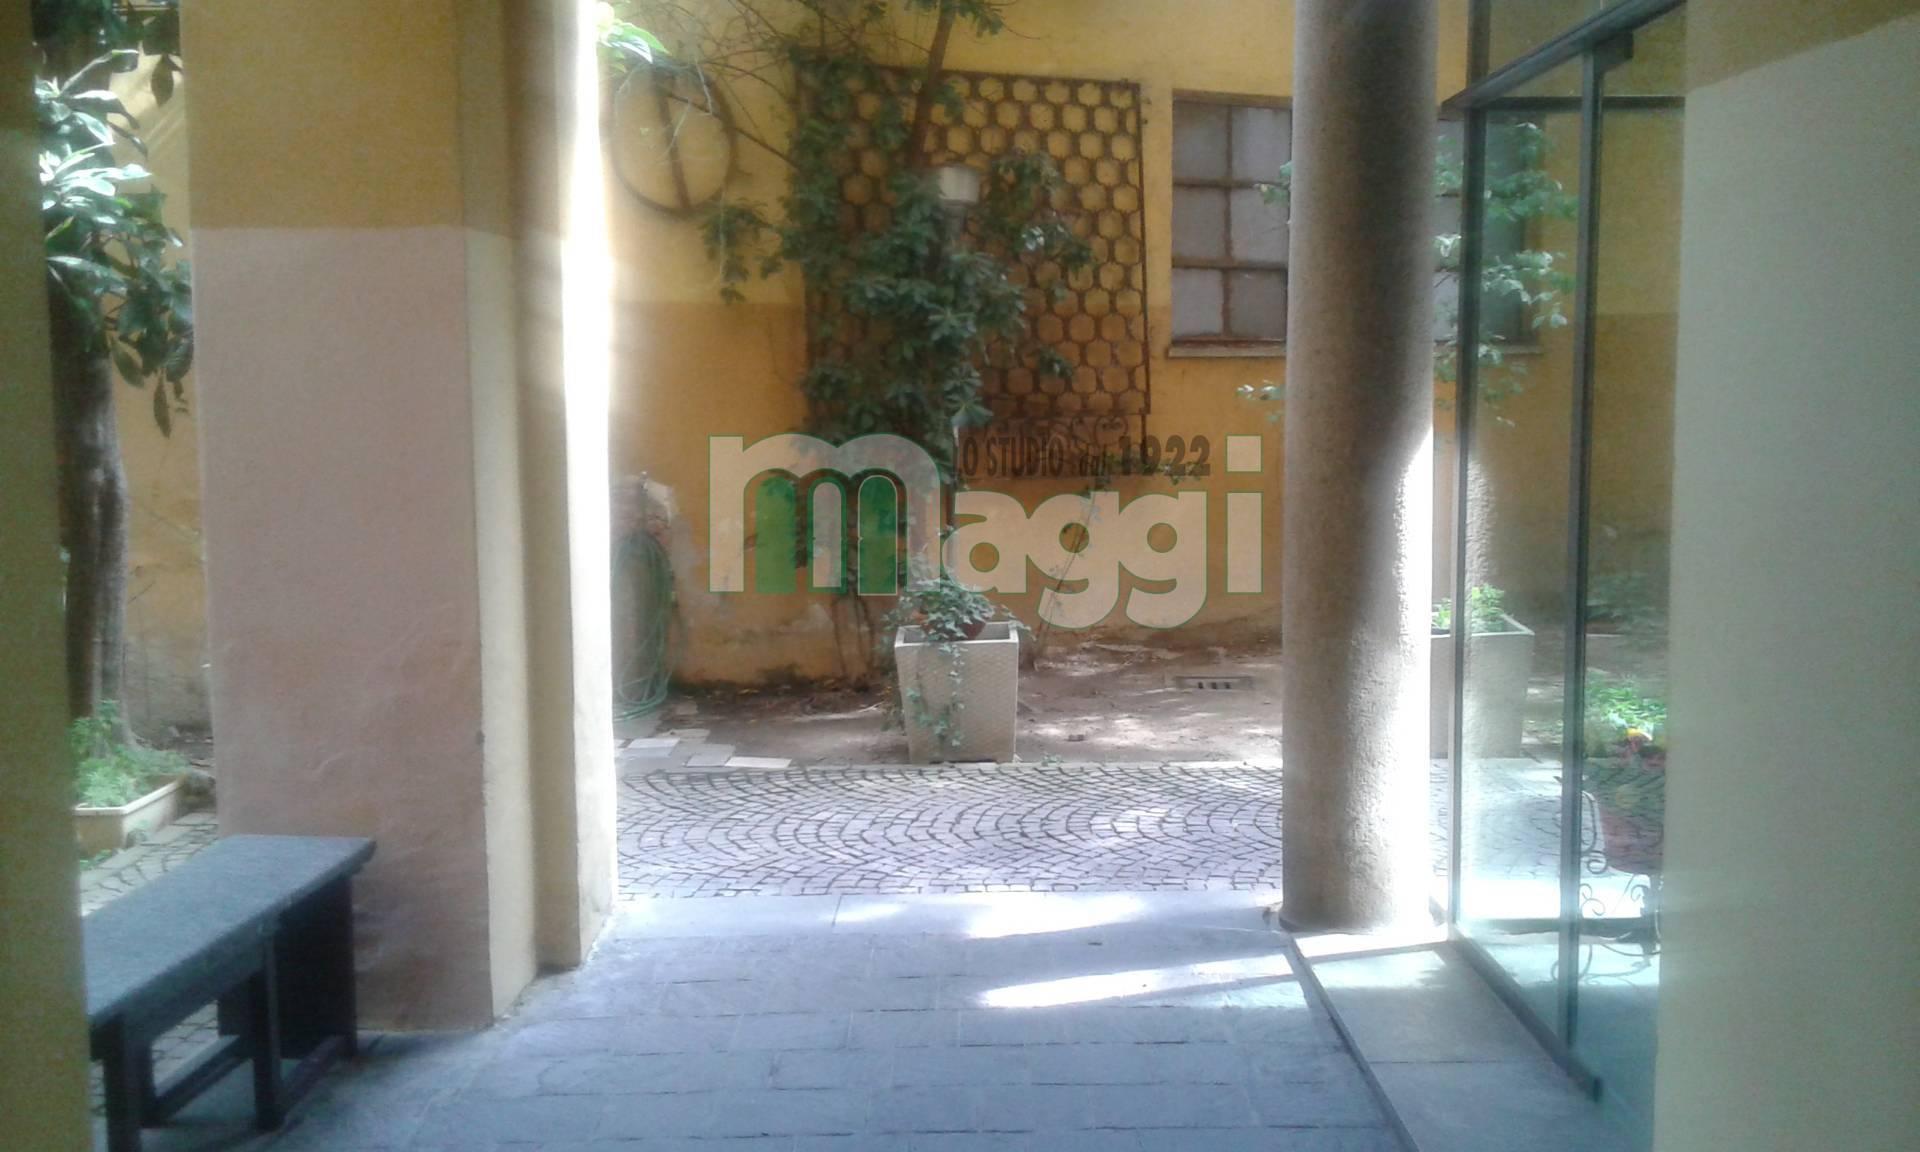 Negozio-locale in Affitto a Milano 02 Brera / Volta / Repubblica: 1 locali, 230 mq